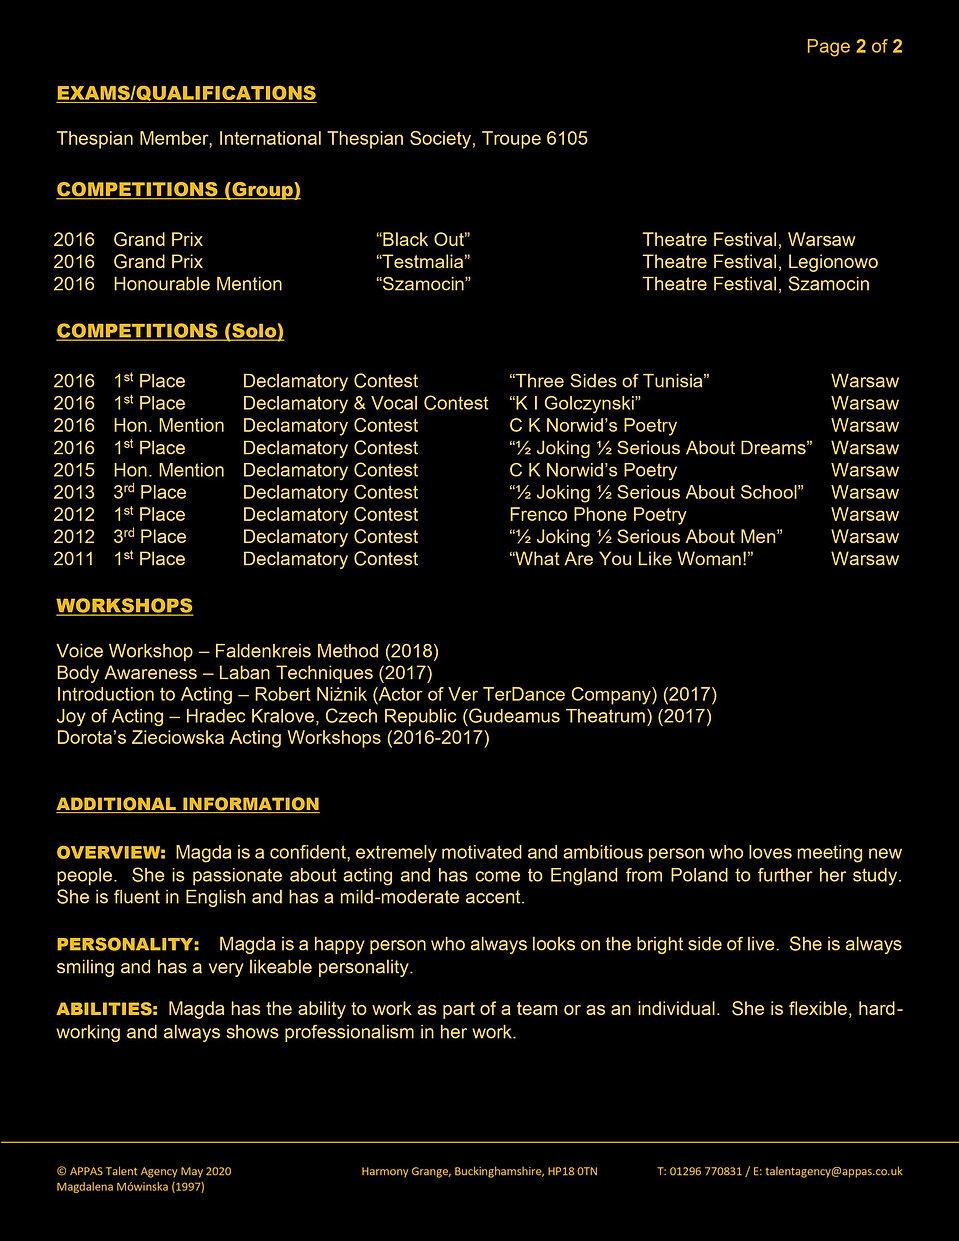 MAGDALENA MOWINSKA WEB CV (MAY 2020) 2.j